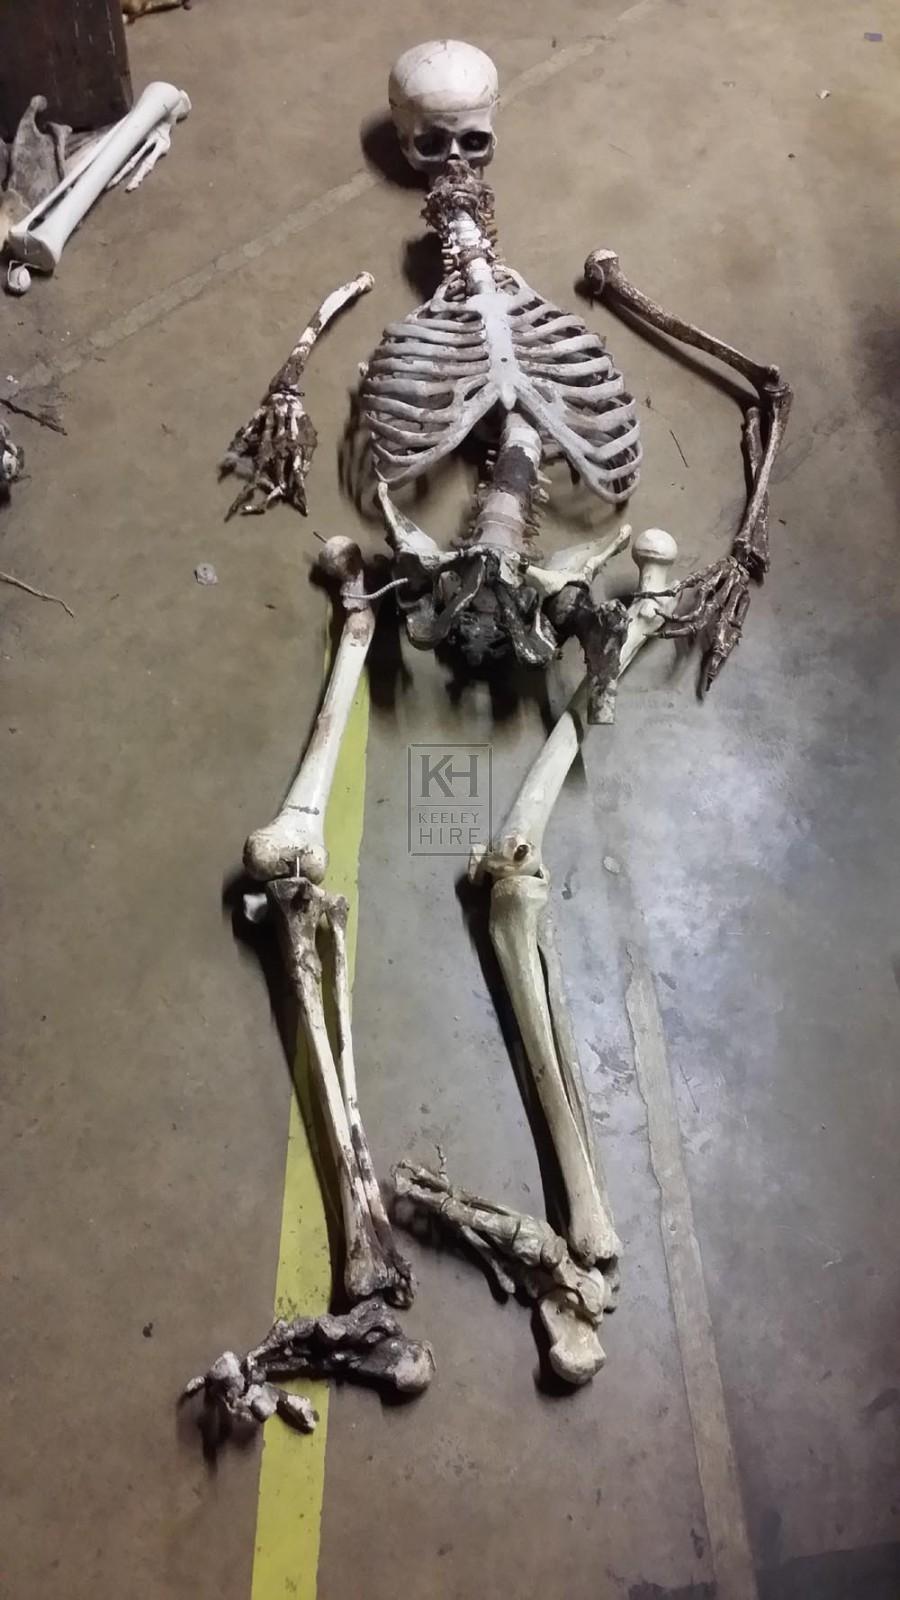 Skeleton remains inc skull